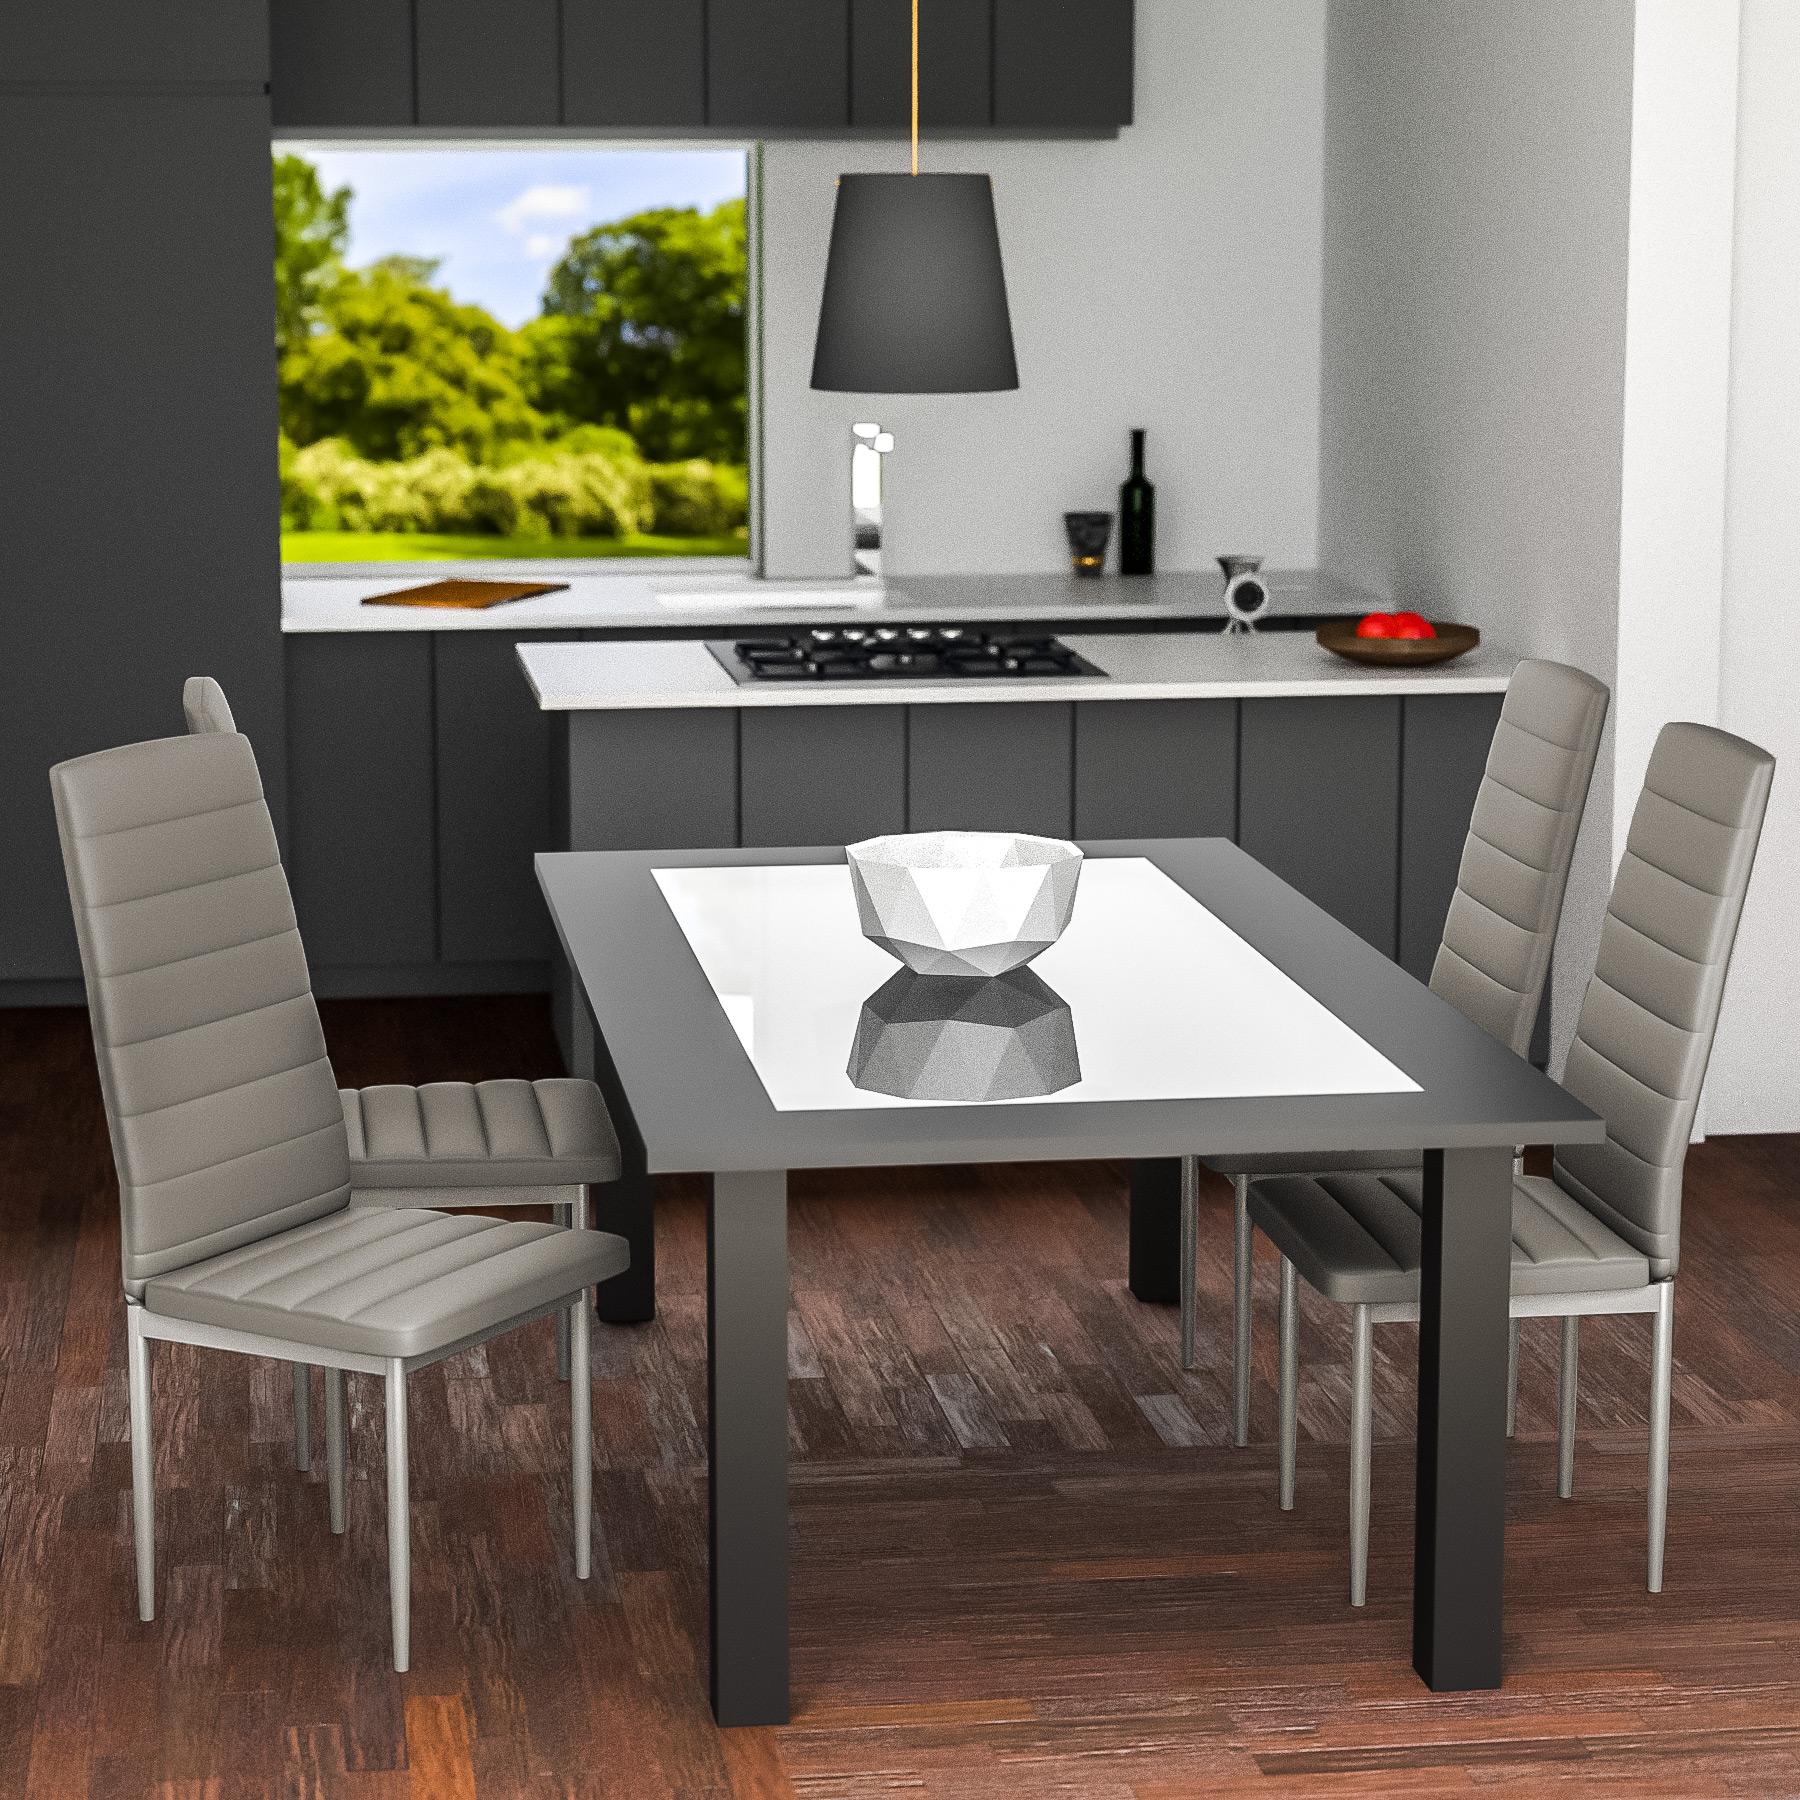 Set di 4 sedia per sala da pranzo tavolo cucina eleganti moderne ...